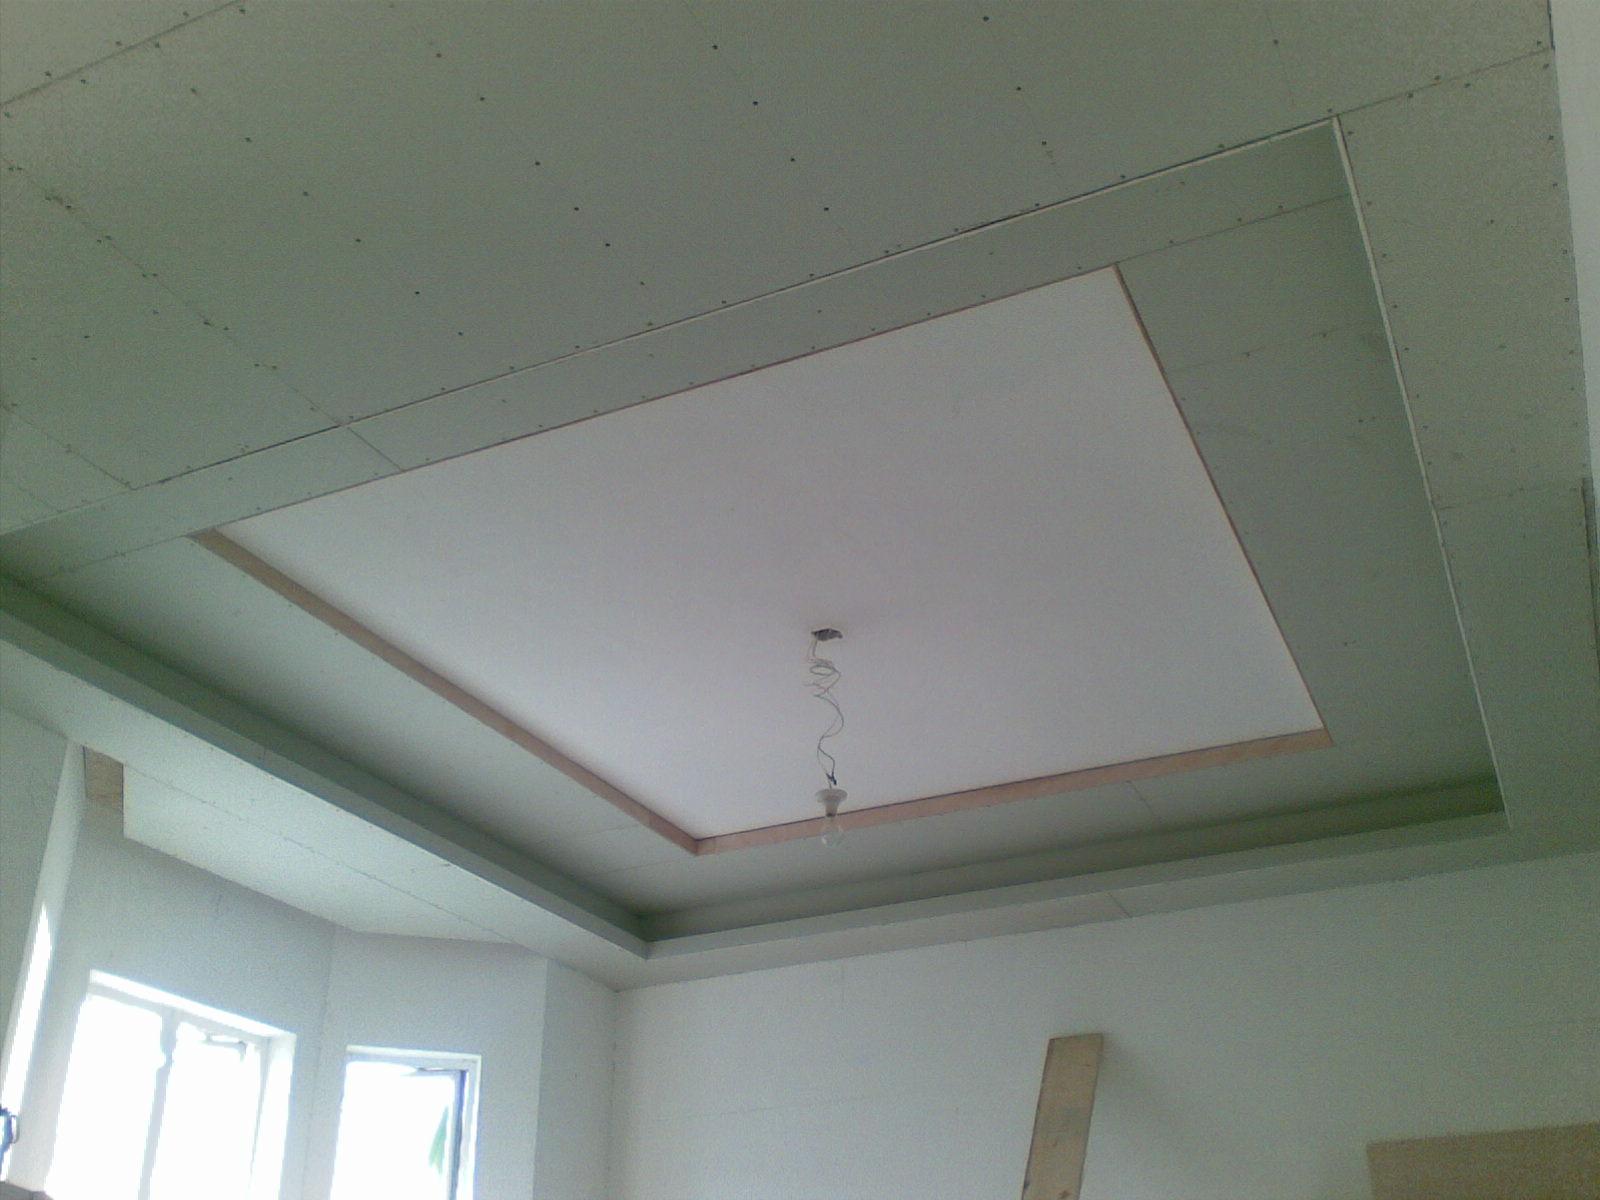 二级顶吊顶装修效果图